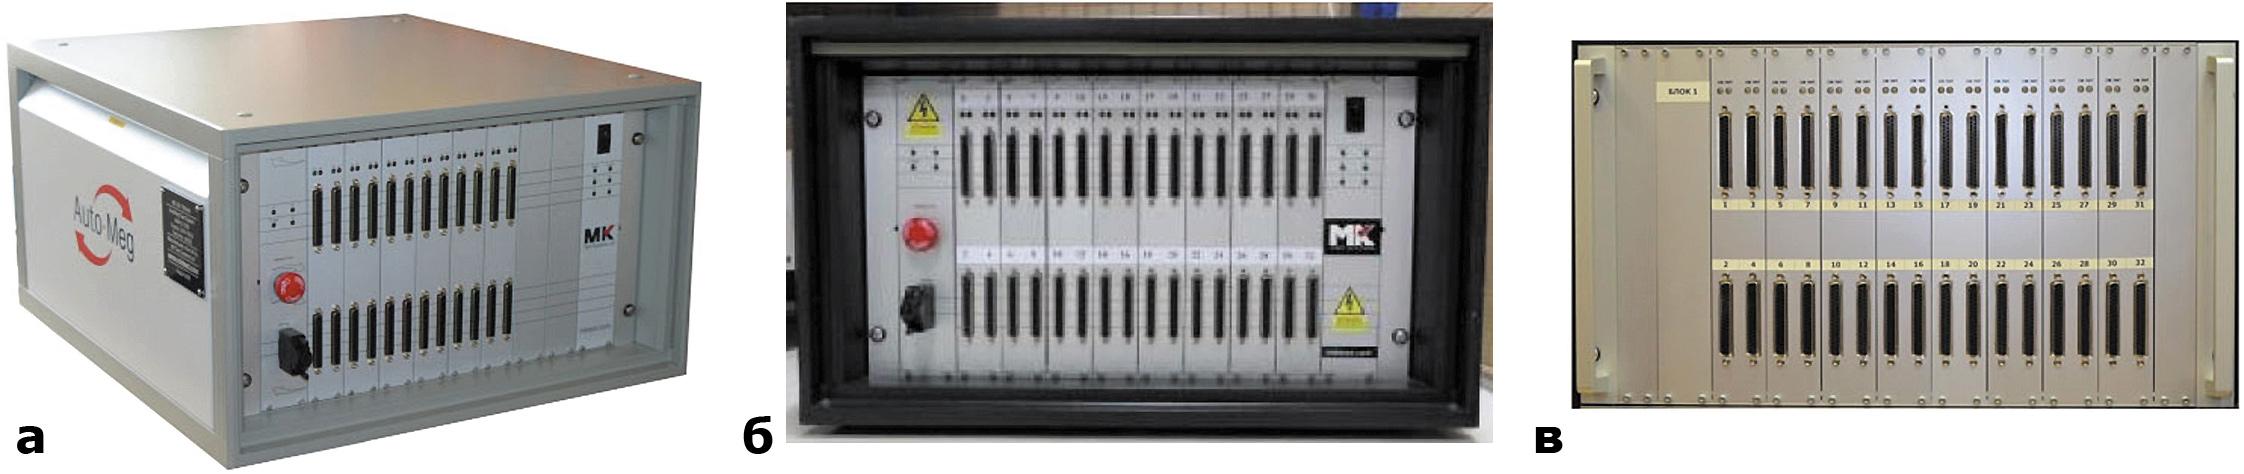 Тестеры MK-Test, а также «МТК-КС 2014» и «МТК-КС 2020» фирмы «ОКБ «Аэрокосмические системы»